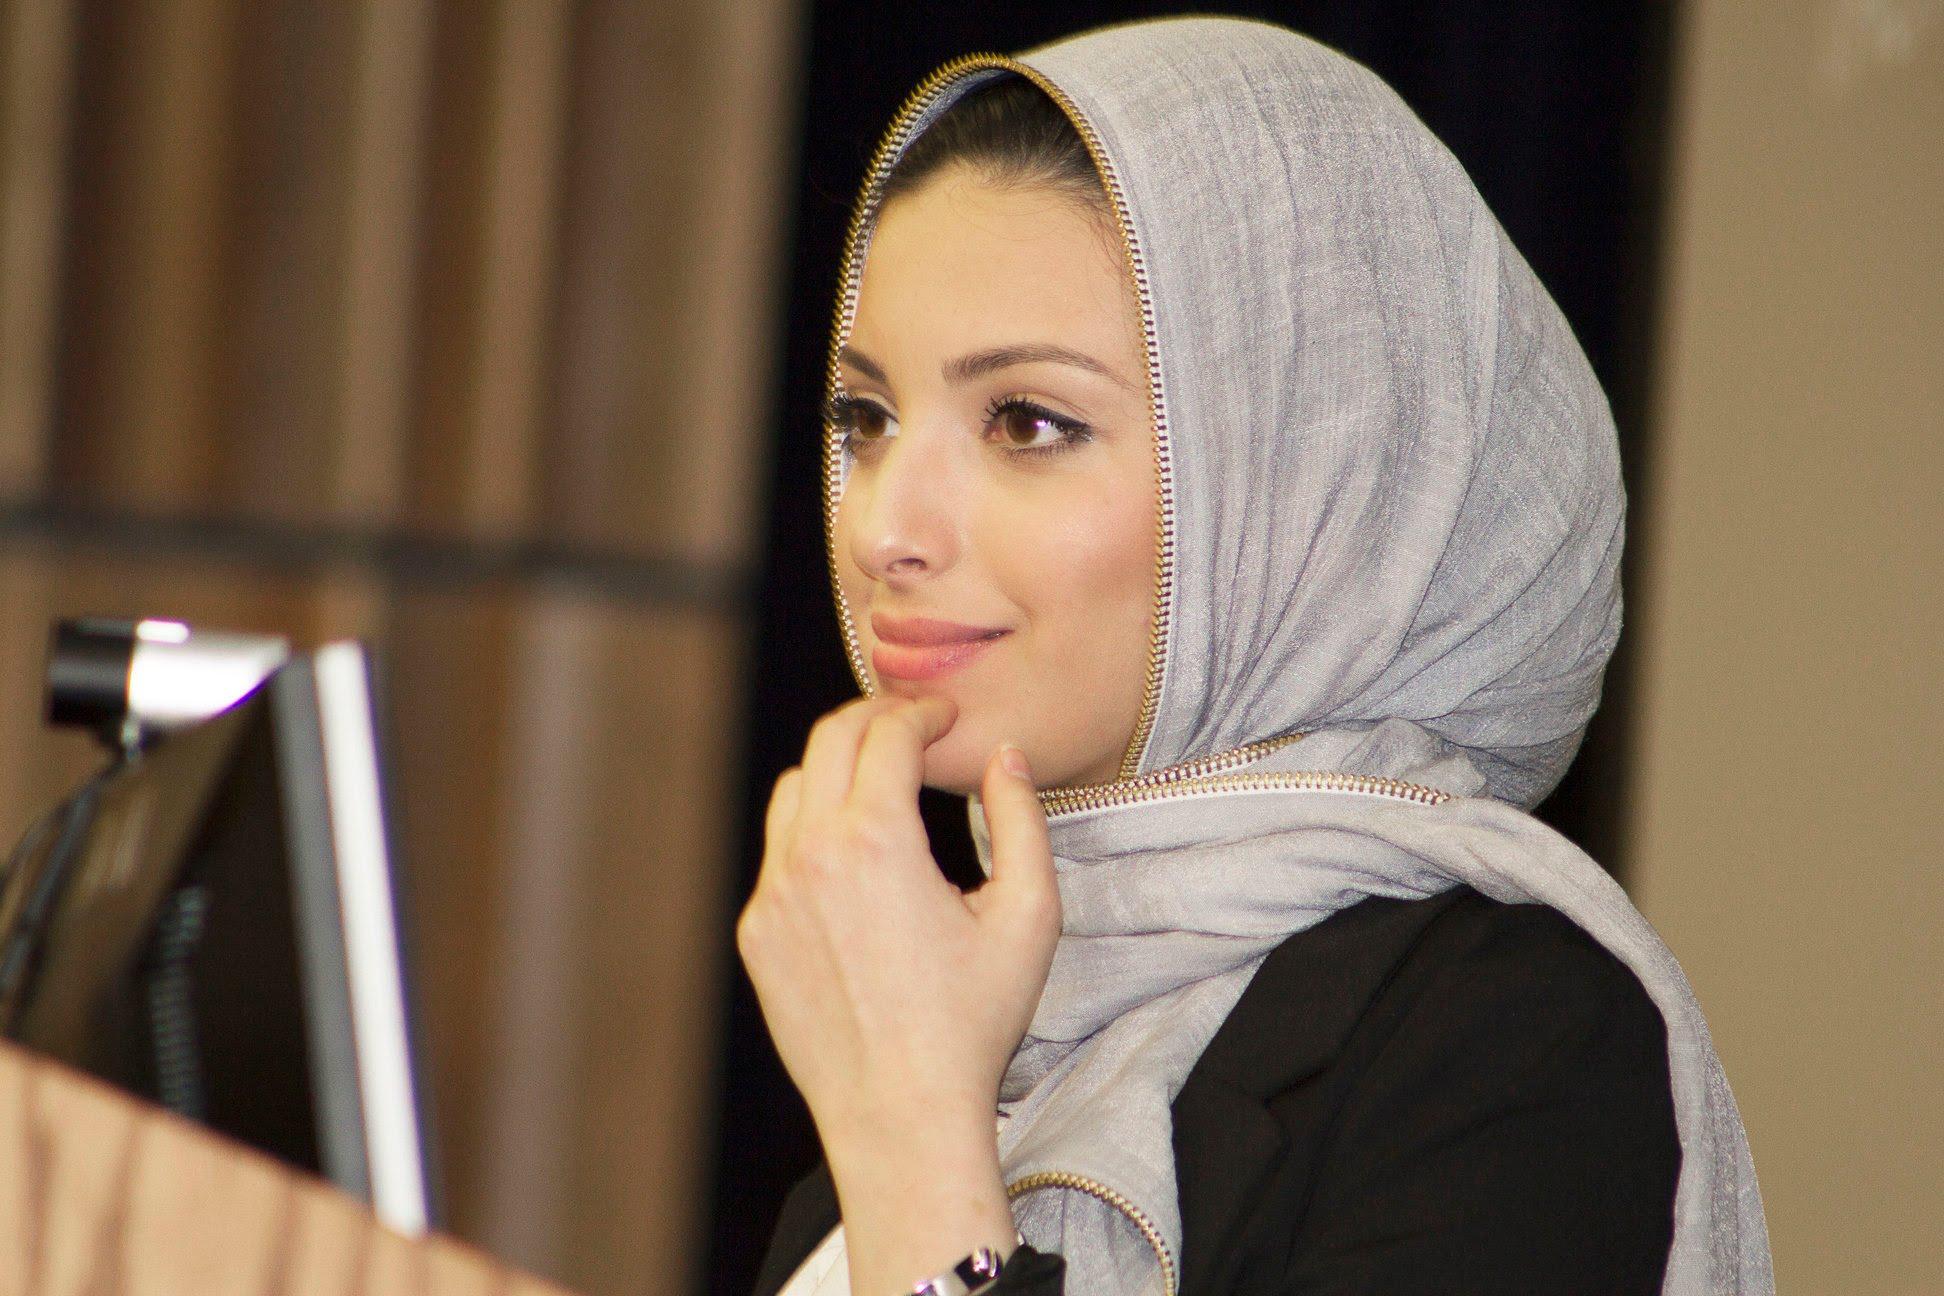 بالصور صور محجبات , اروع صور لفتايات جميلات بالحجاب 2857 10